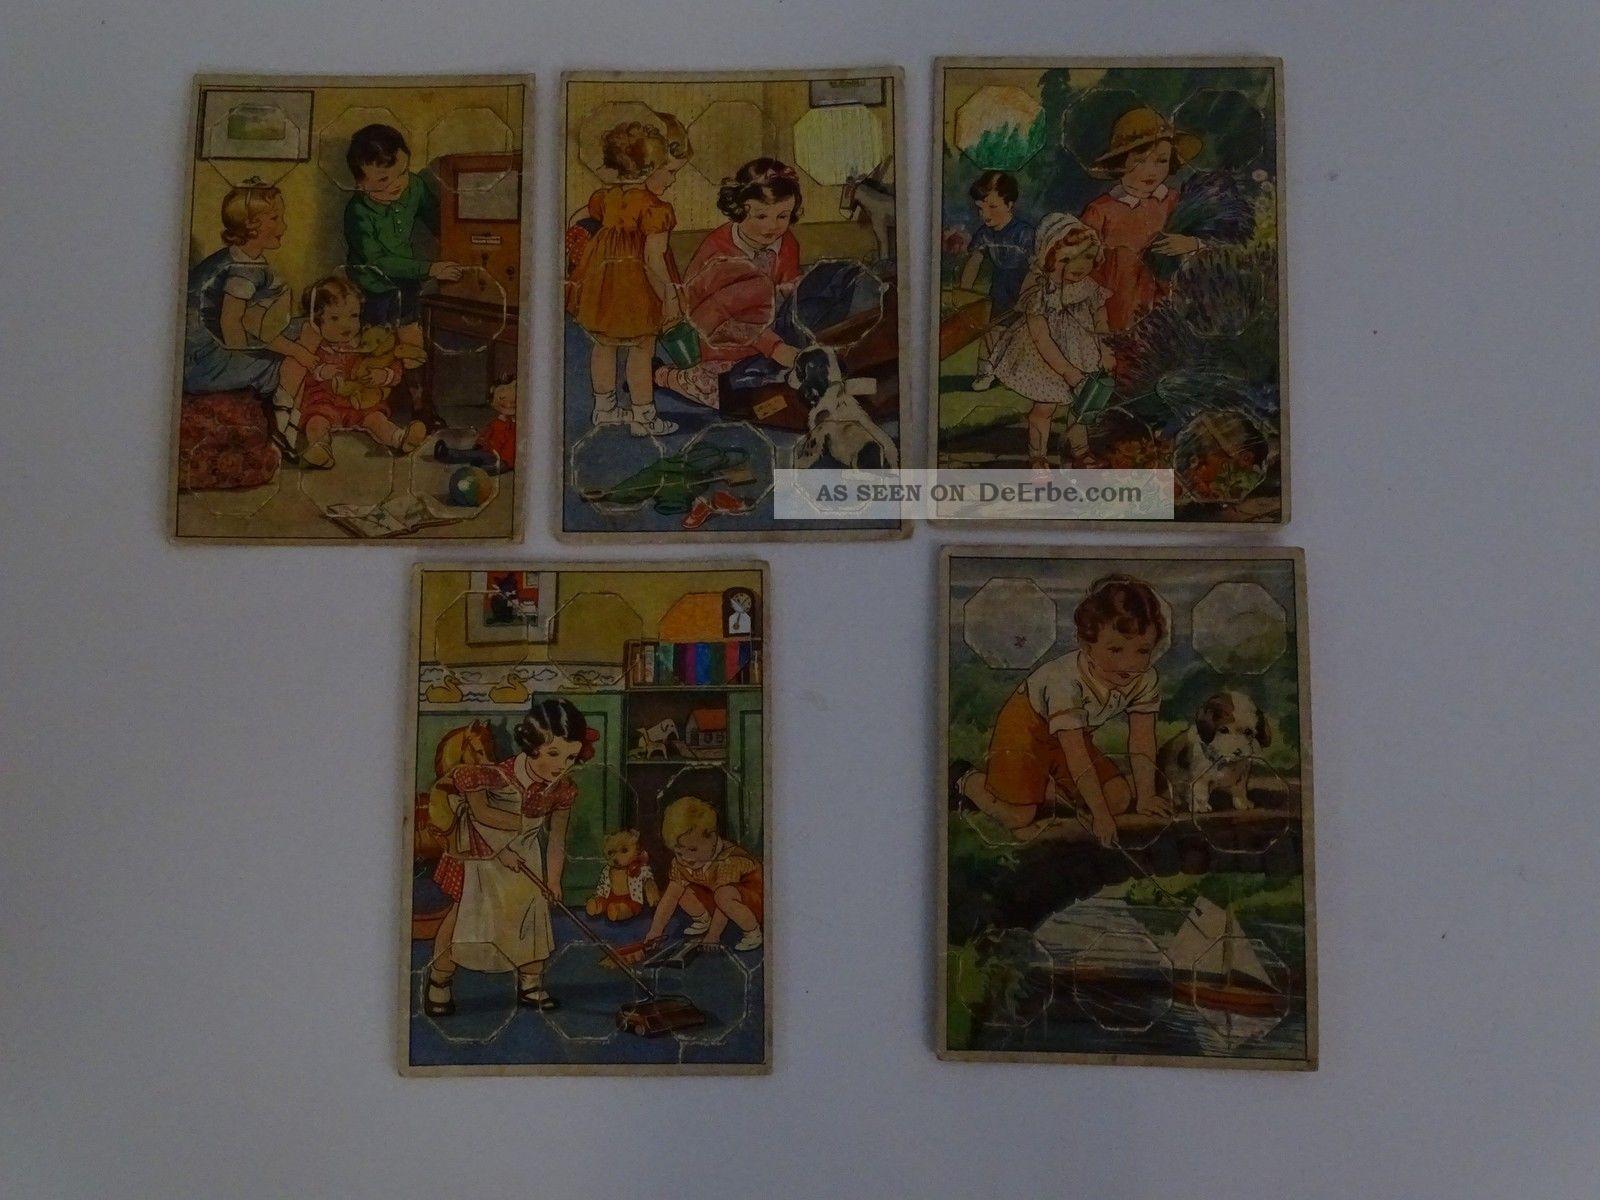 5 Antike Seltene Rechen Puzzle Spiele Für Kinder Legespiel Lernspiel Gefertigt vor 1945 Bild